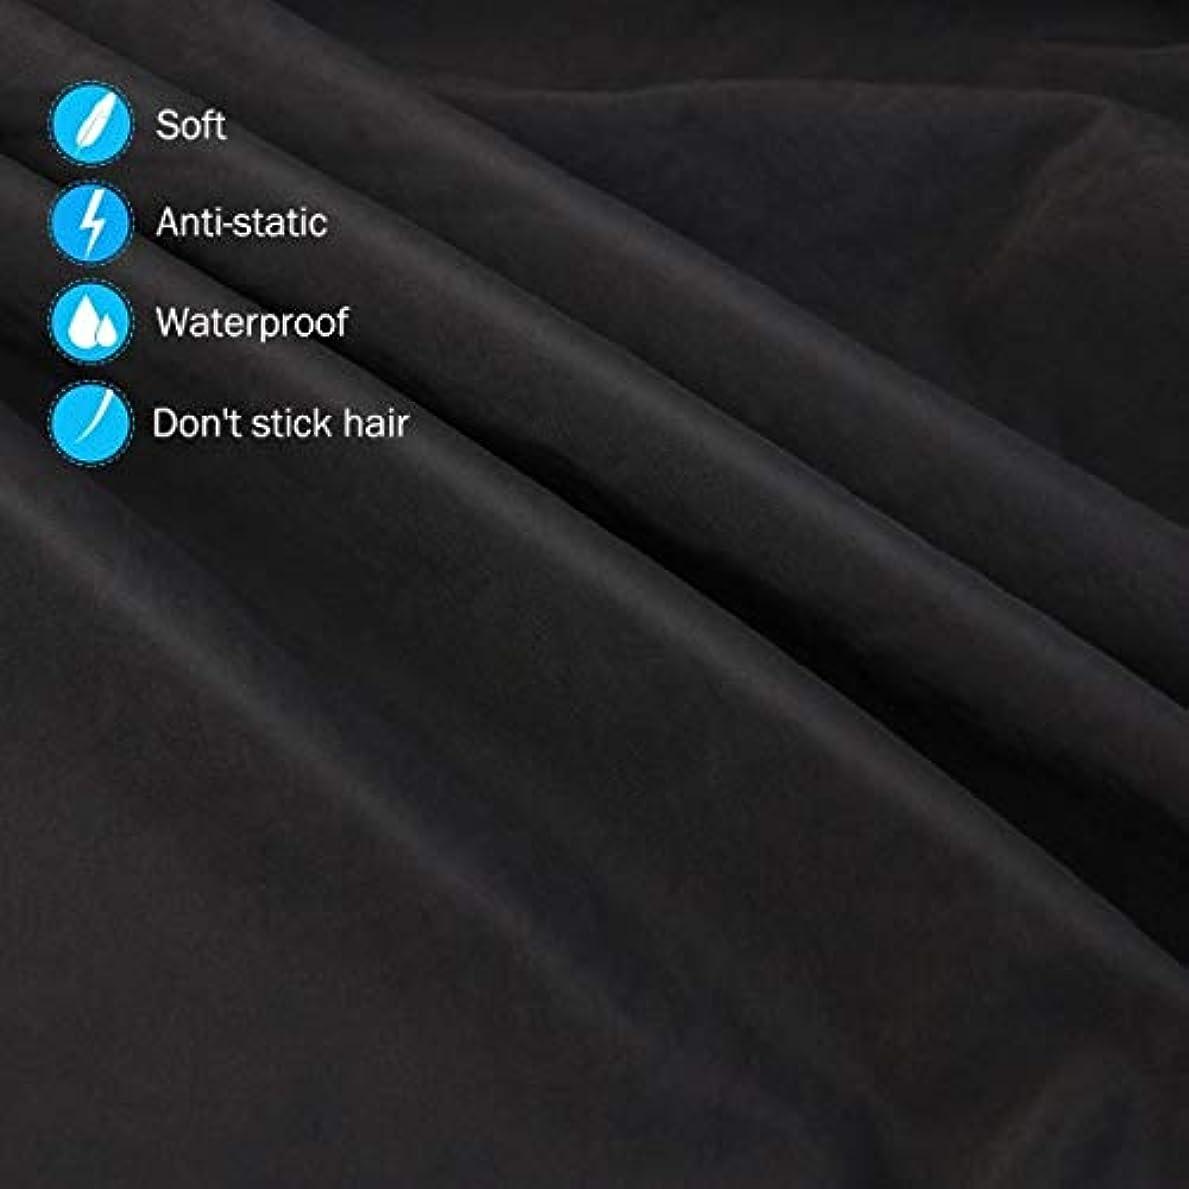 宅配便政治的放つHIZLJJ 大広間の家の理髪師の観覧の窓が付いている理髪ケープのガウン毛の切断のための目に見える観覧の窓が付いている防水大広間のガウンのエプロン